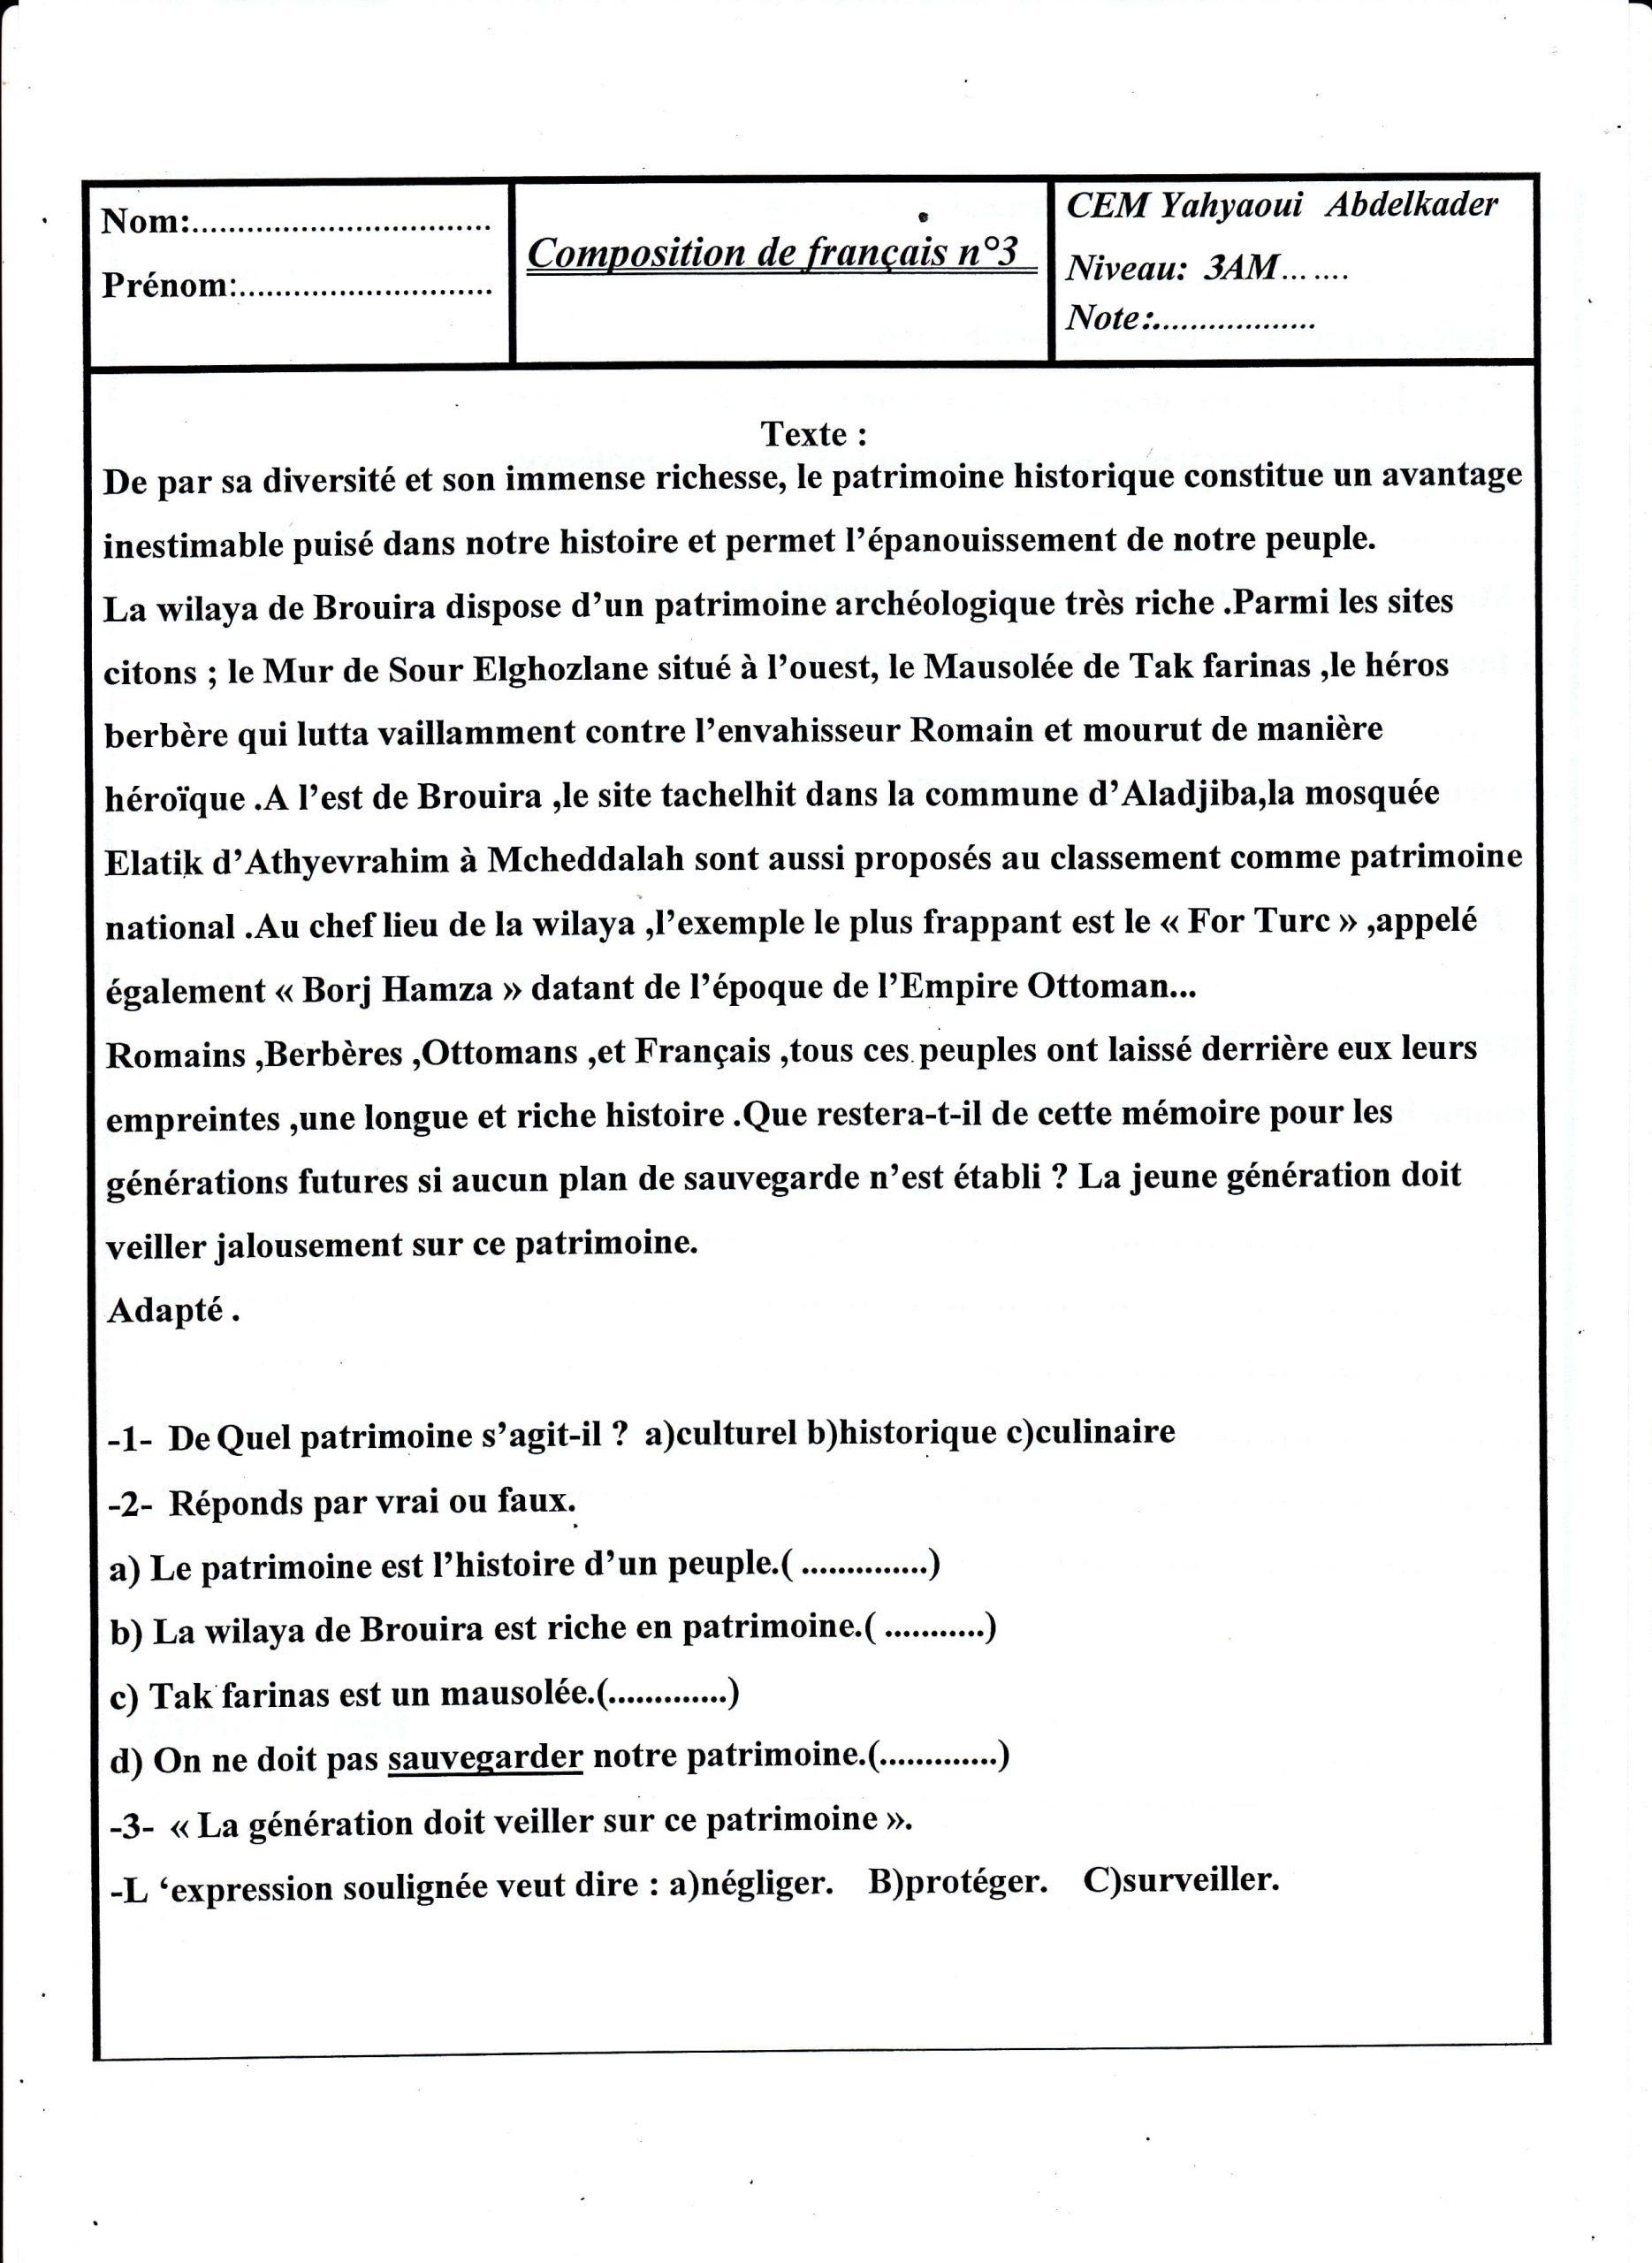 اختبار الفصل الثالث في اللغة الفرنسية السنة الثالثة متوسط | الموضوع 01